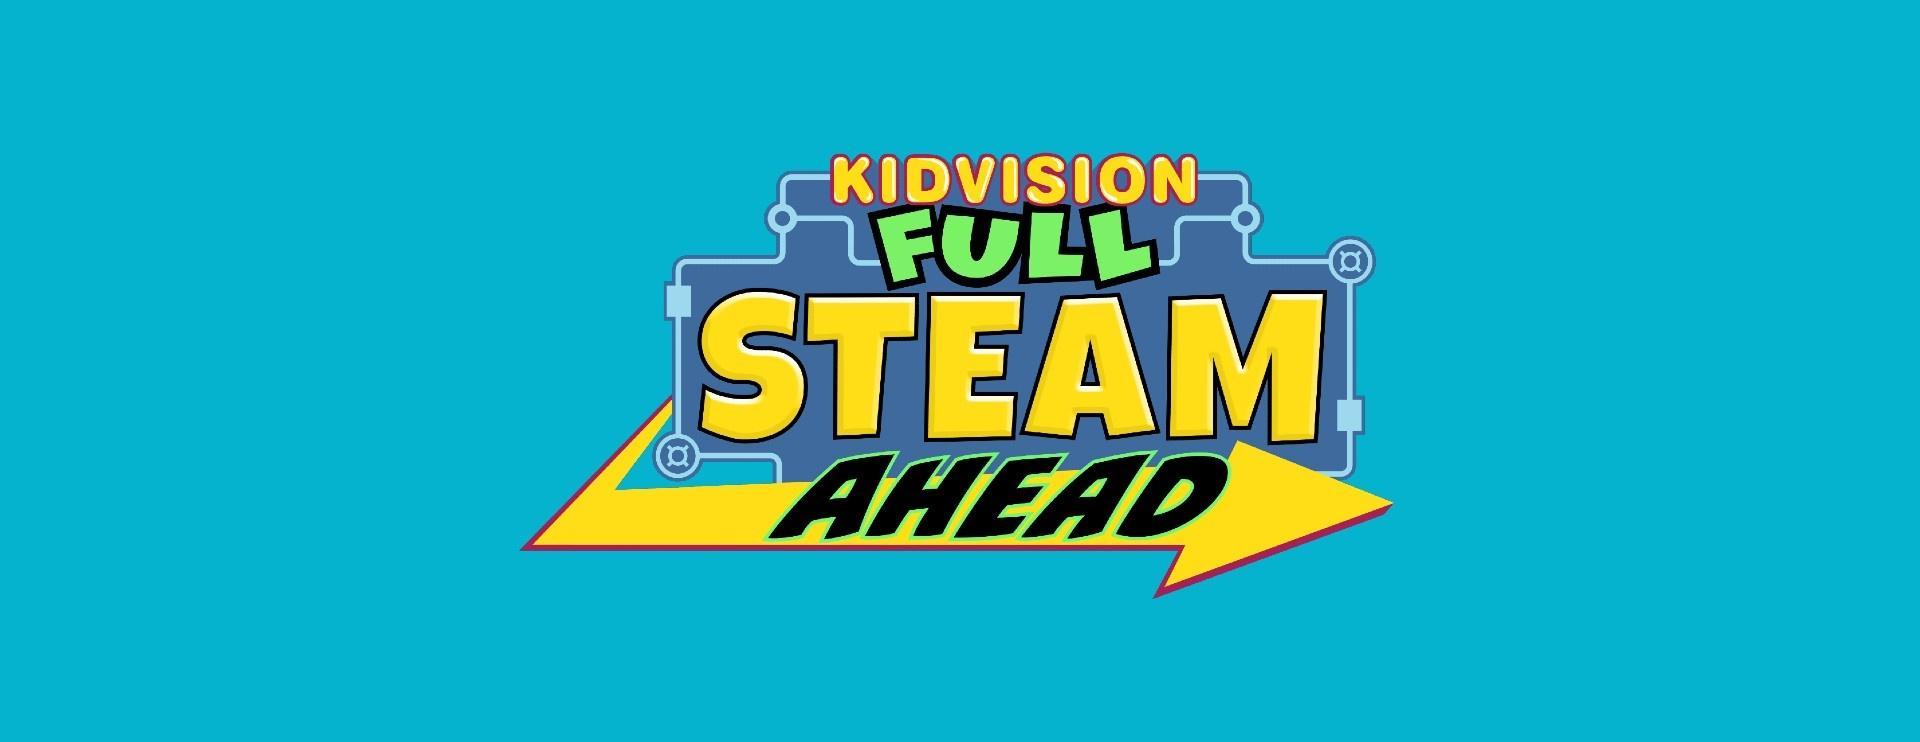 KidVision Full Steam Ahead Virtual Series